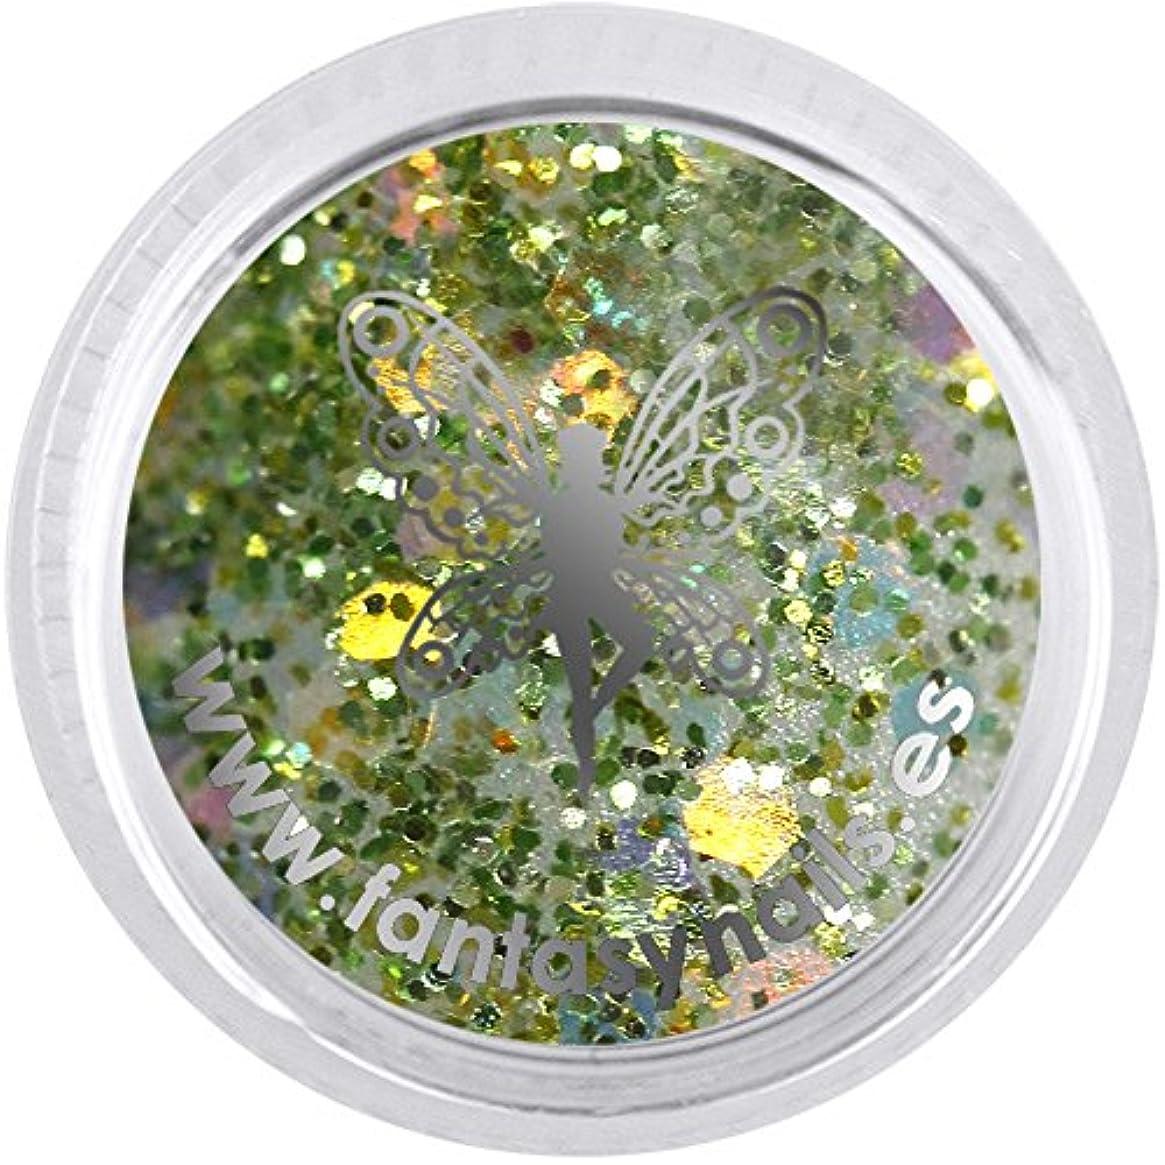 打倒異邦人株式会社FANTASY NAIL トウキョウコレクション 3g 4226XS カラーパウダー アート材